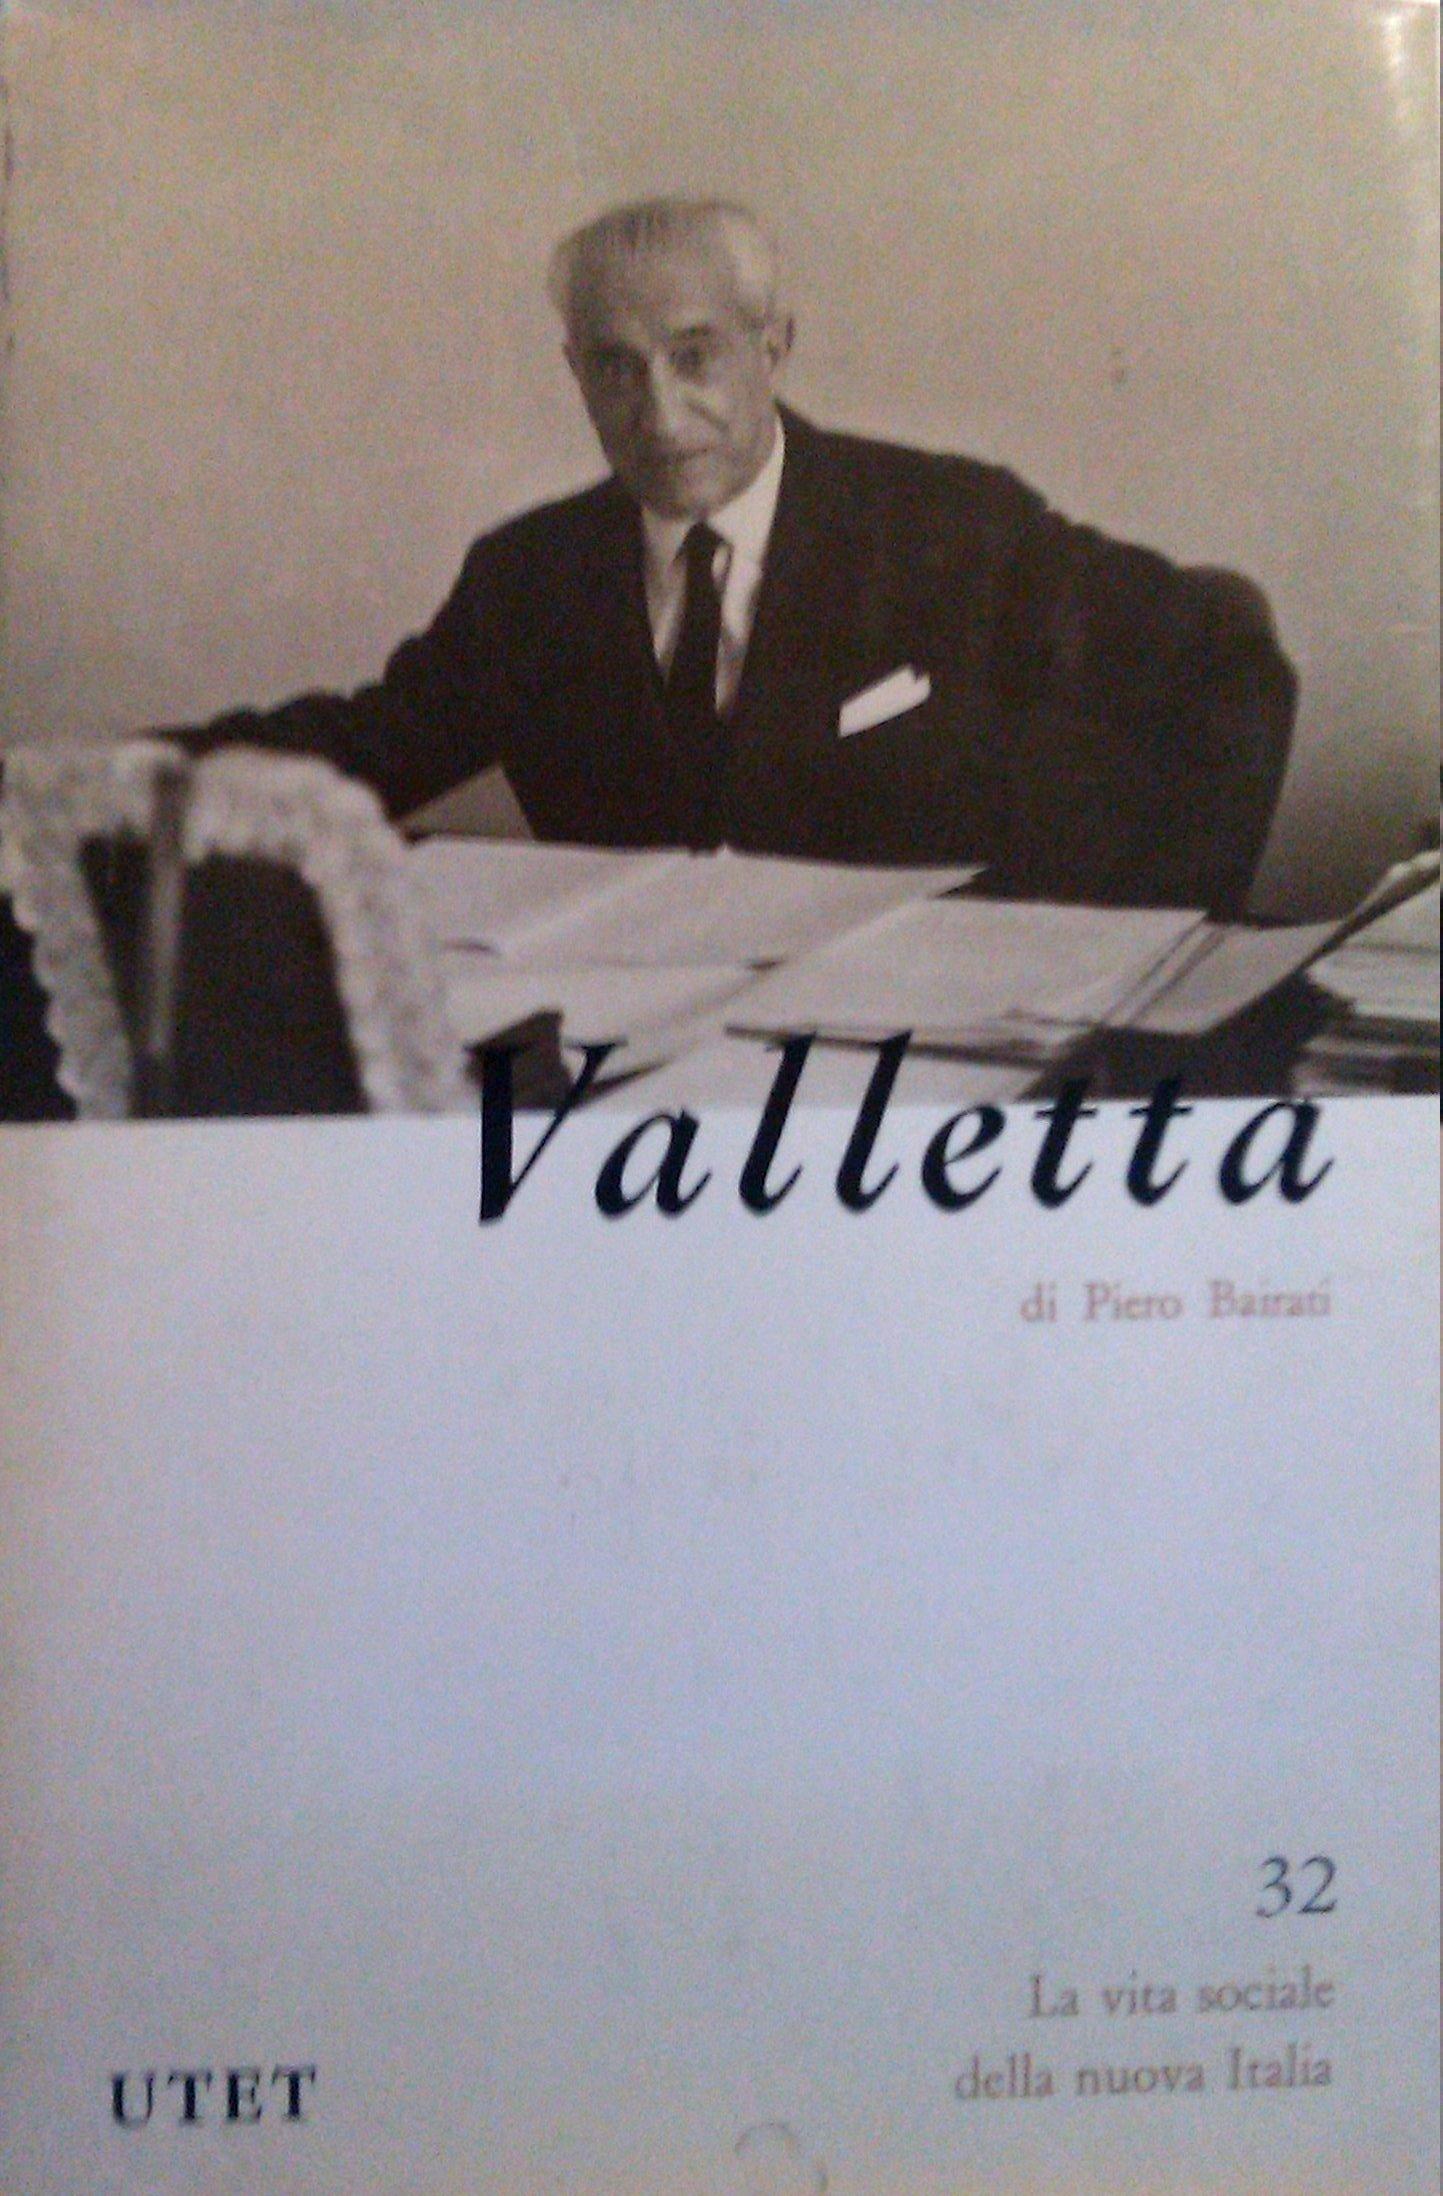 Vittorio Valletta